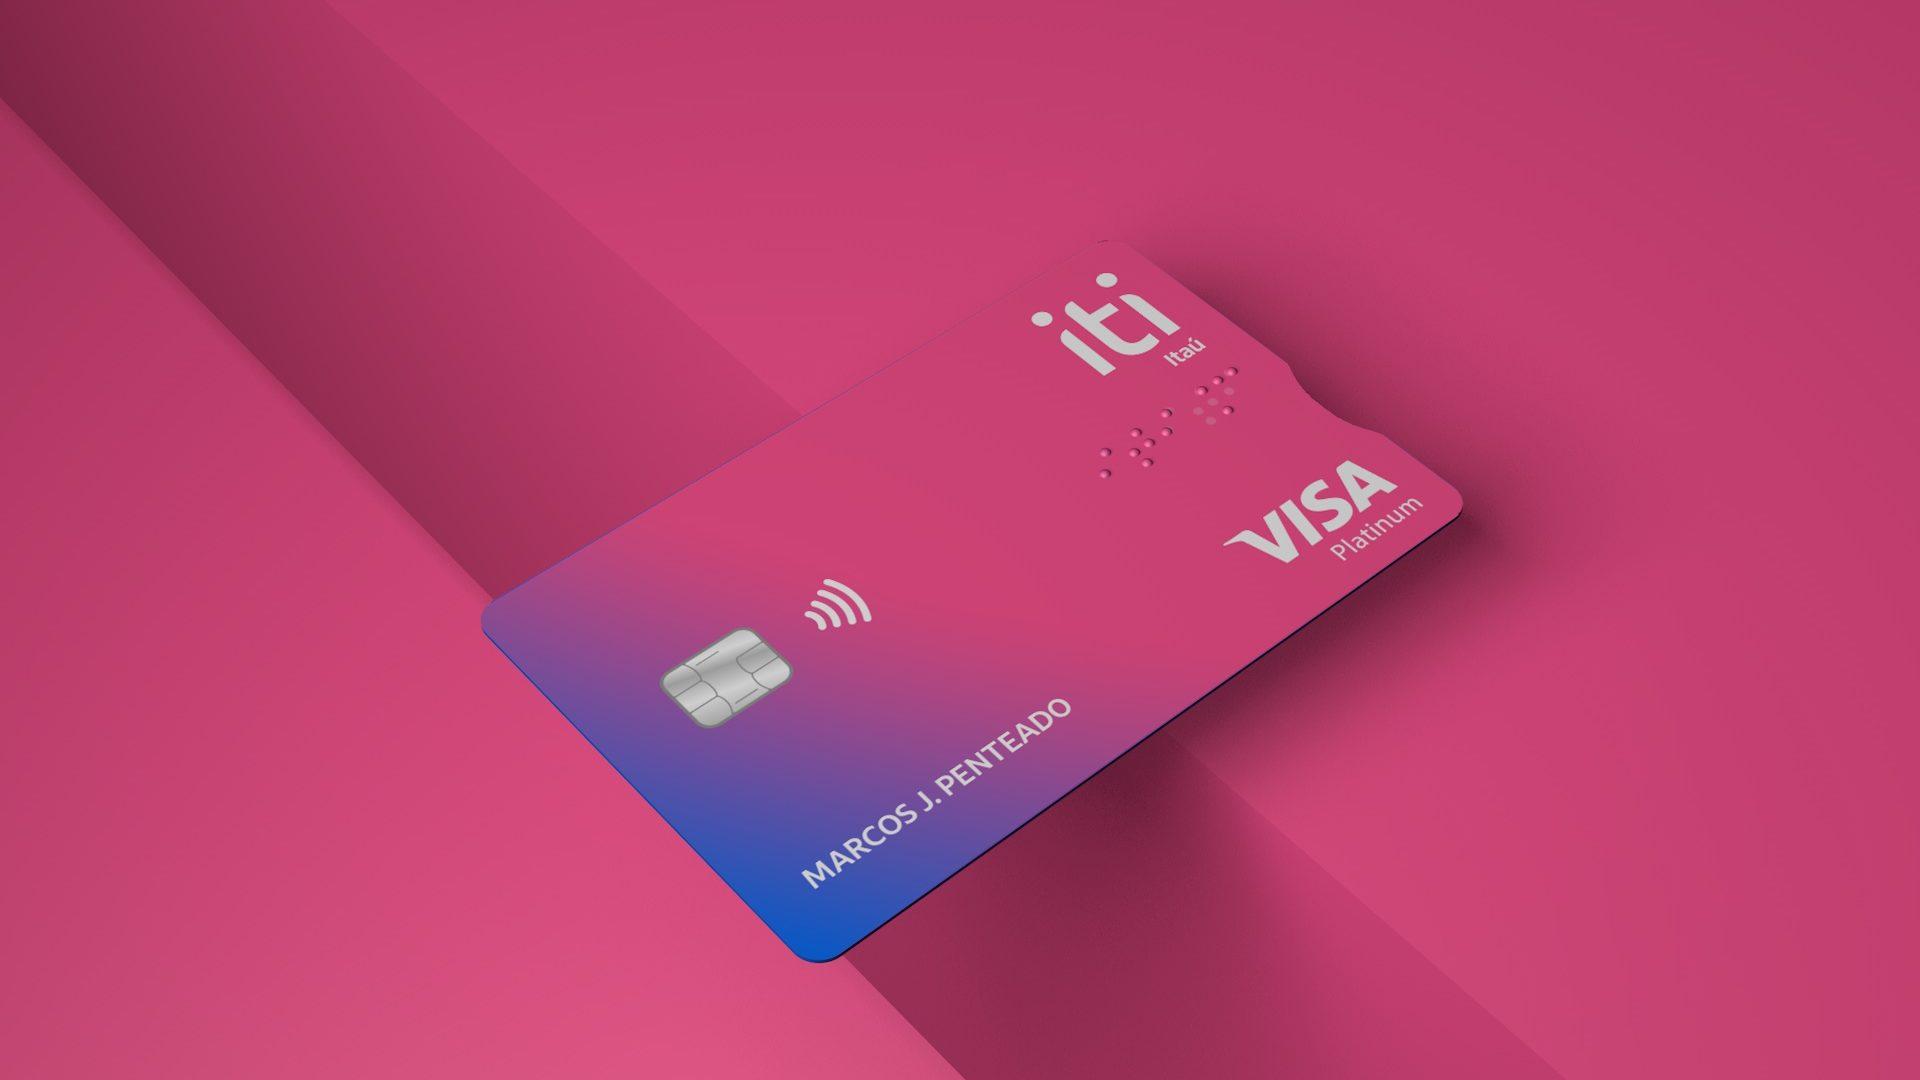 Fazer cartão de crédito itaú